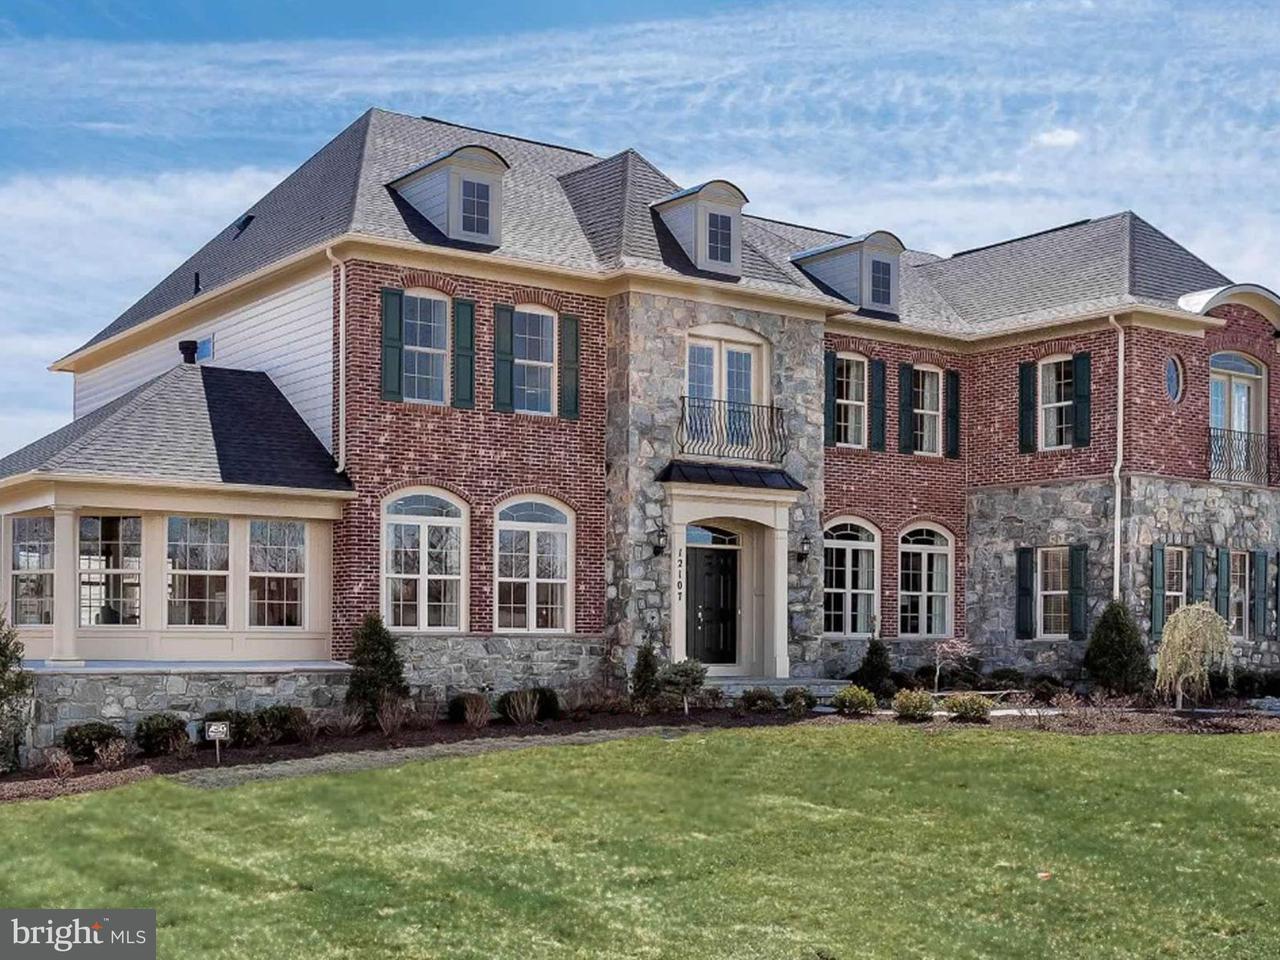 Maison unifamiliale pour l Vente à 12214 Hayland Farm Way 12214 Hayland Farm Way Ellicott City, Maryland 21042 États-Unis